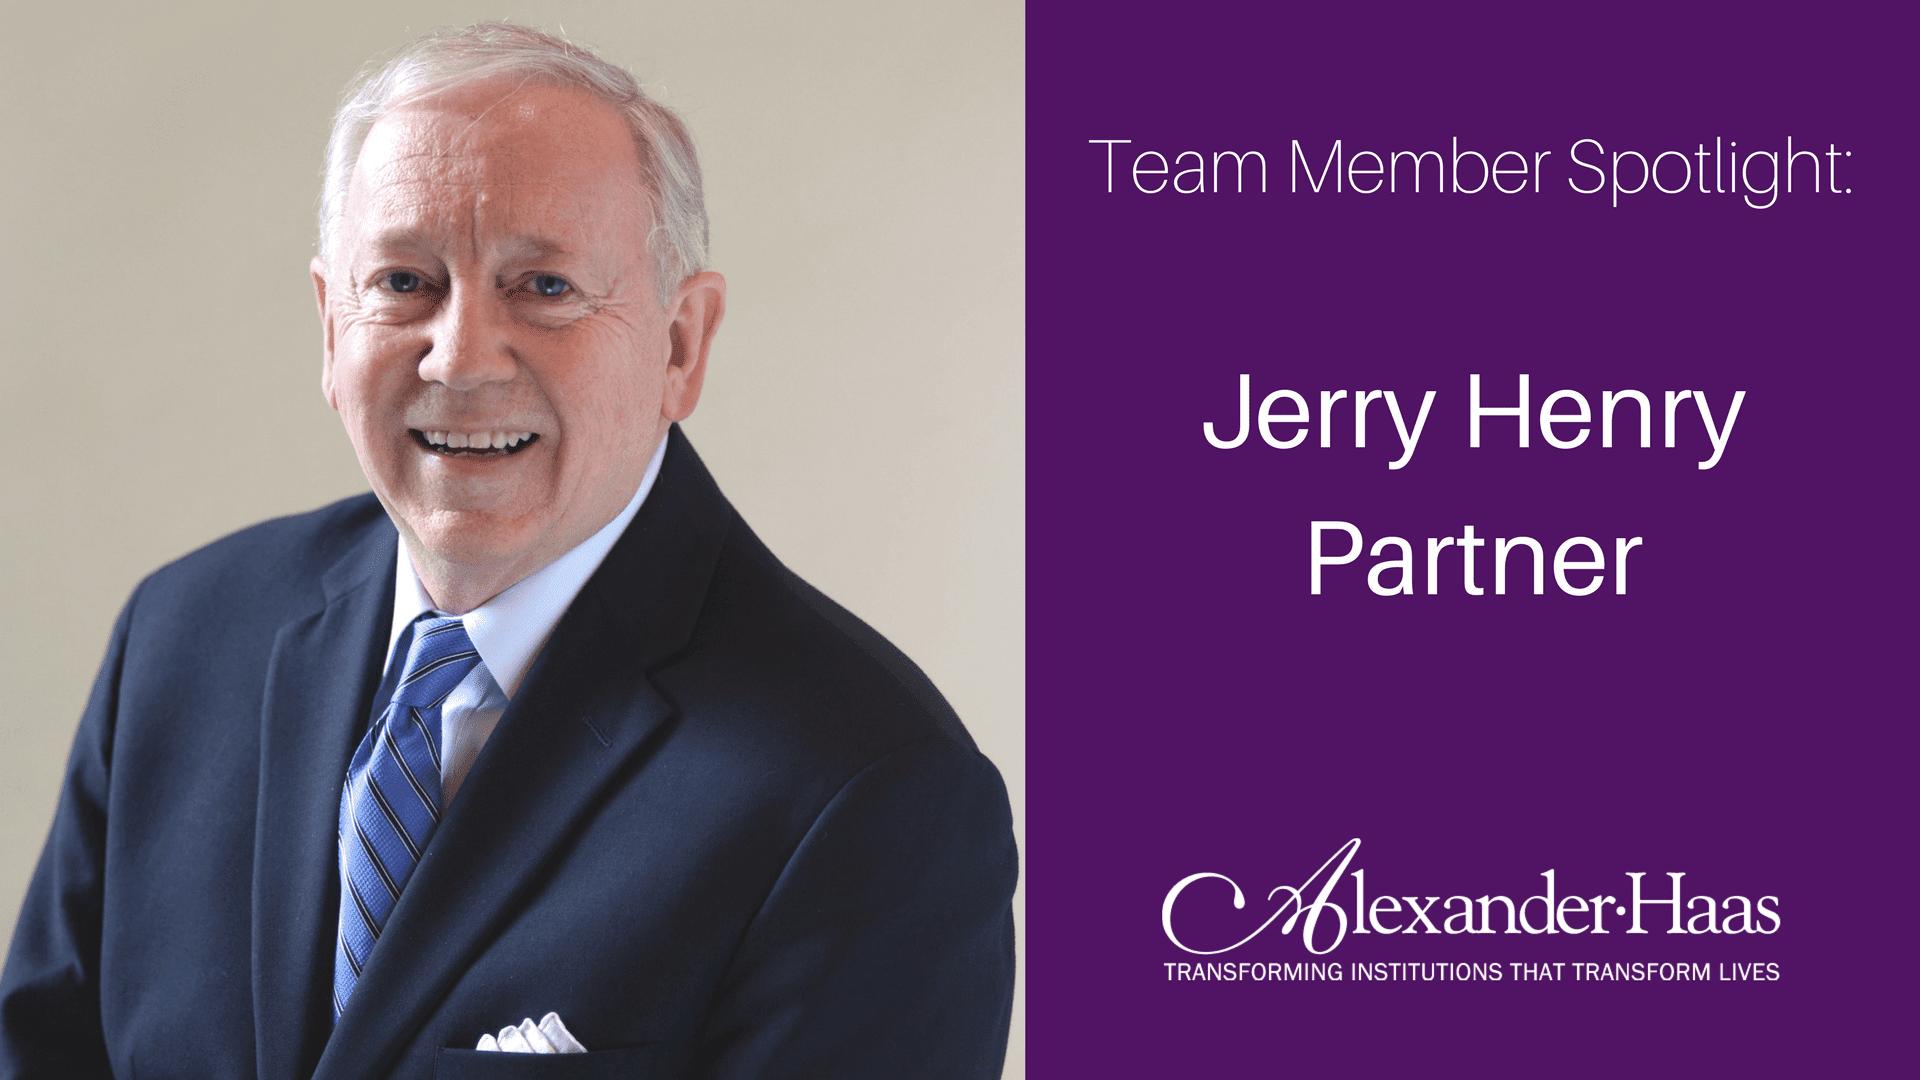 jerry henry spotlight